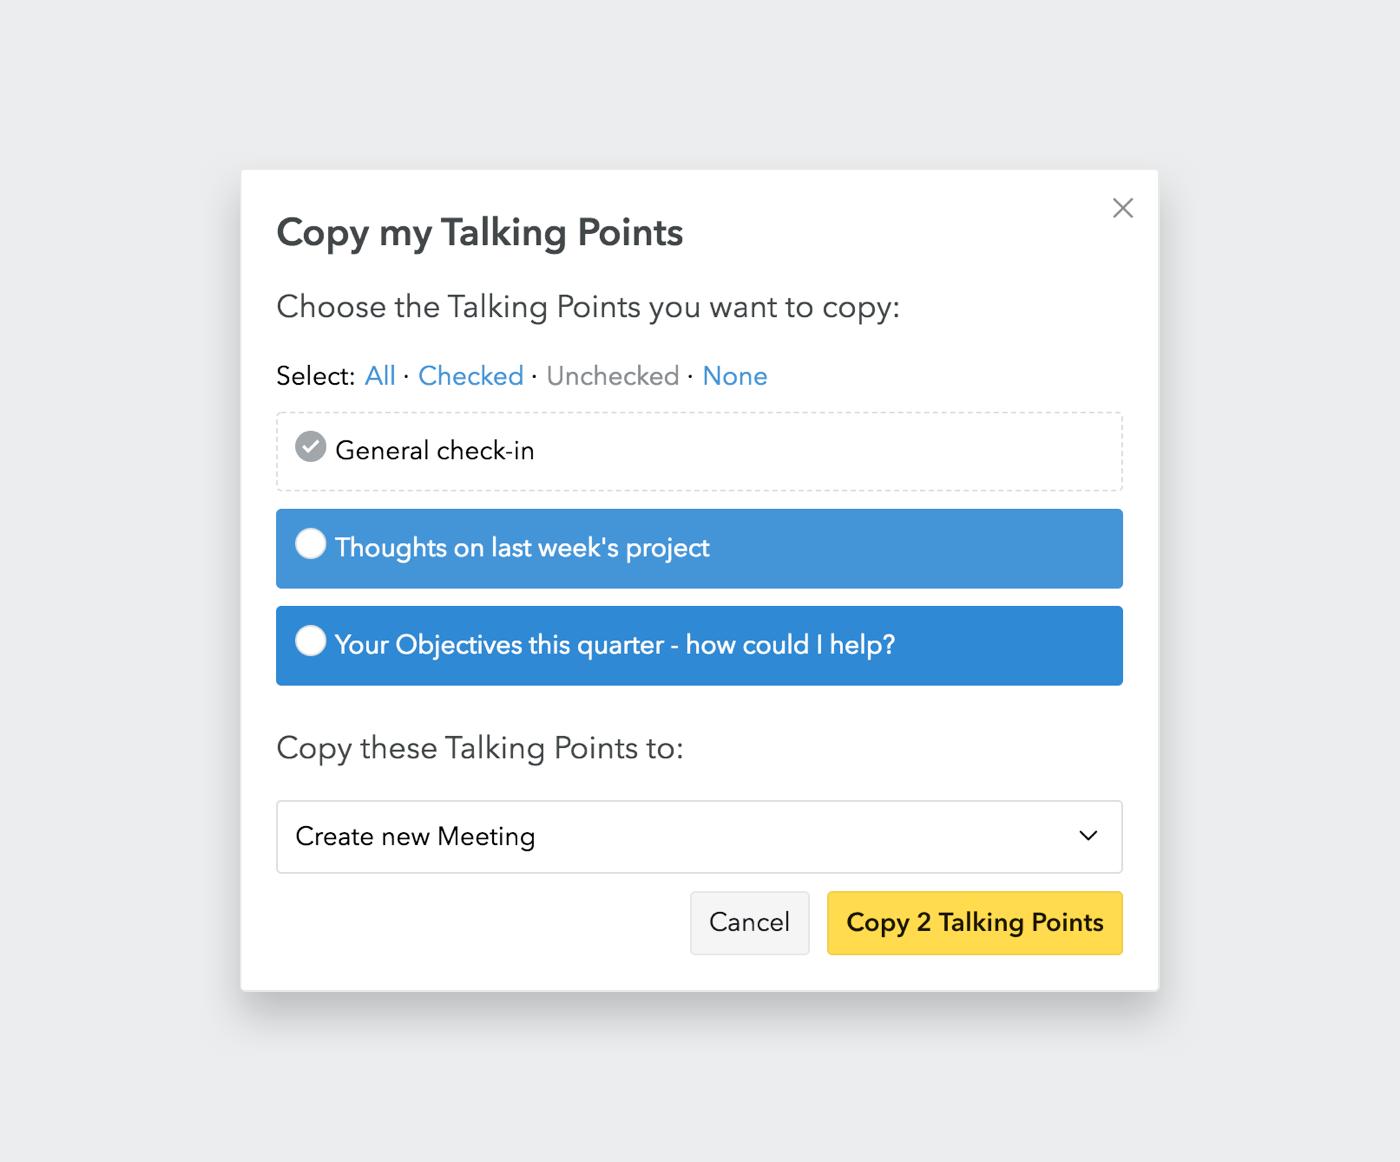 Copy Talking Points